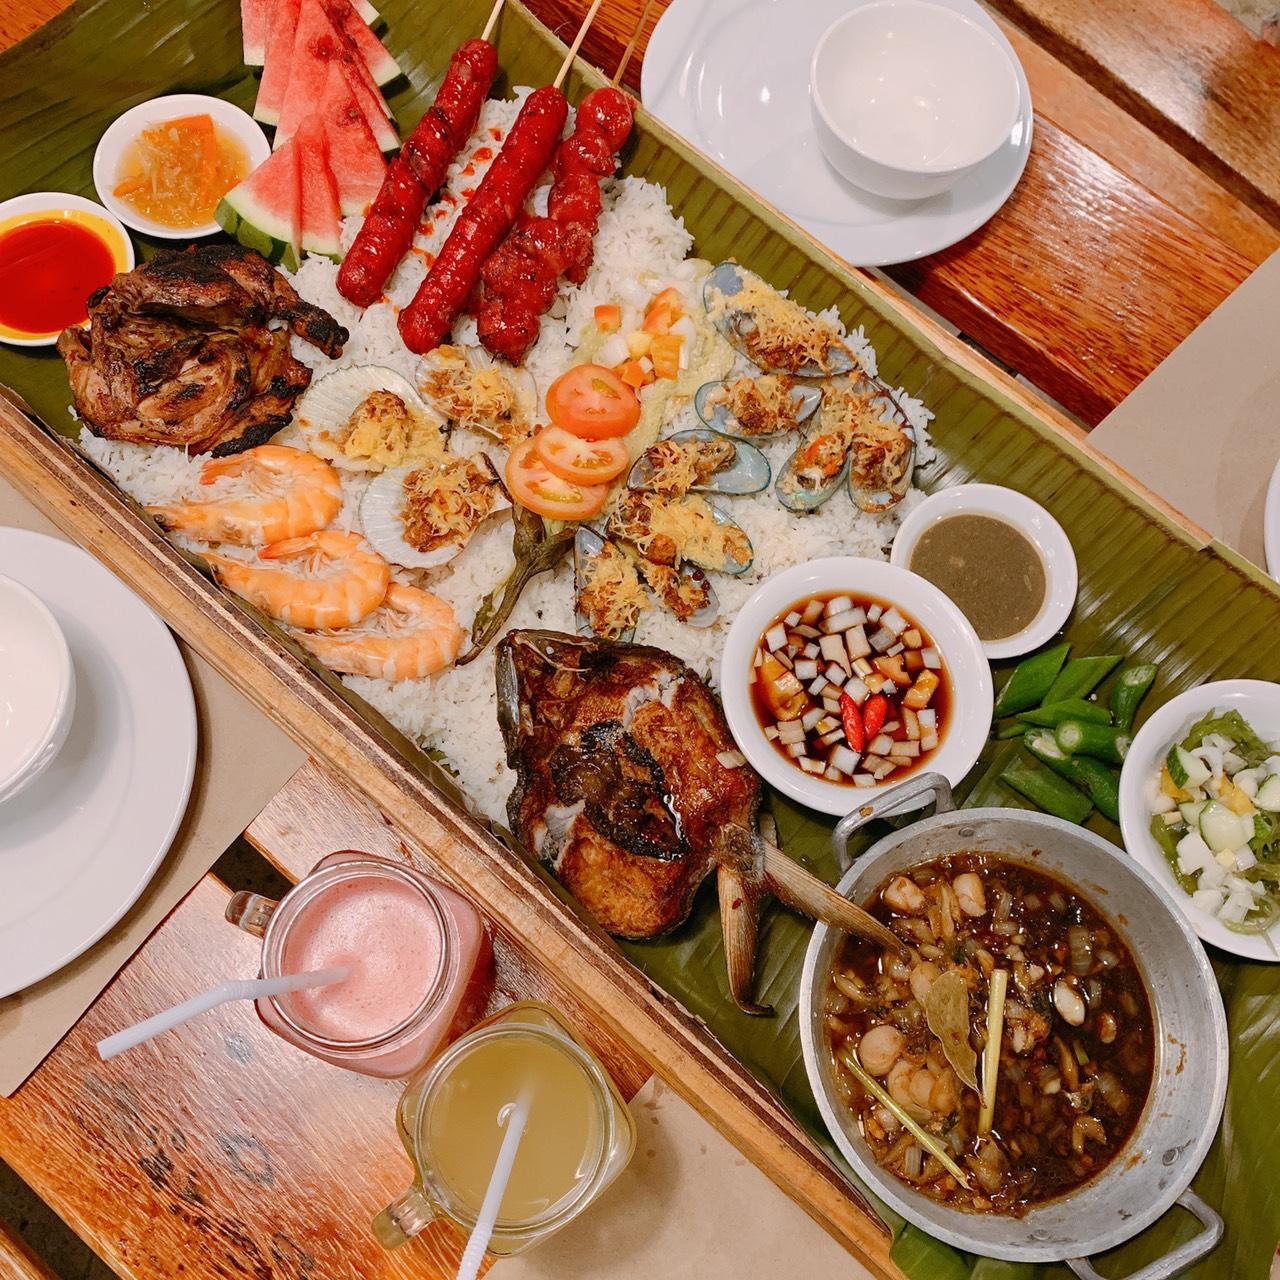 菲律賓賓遊學推薦餐廳-SM購物中心2F  Seafood&Ribs WAREHOUSE 新鮮海鮮美食推薦